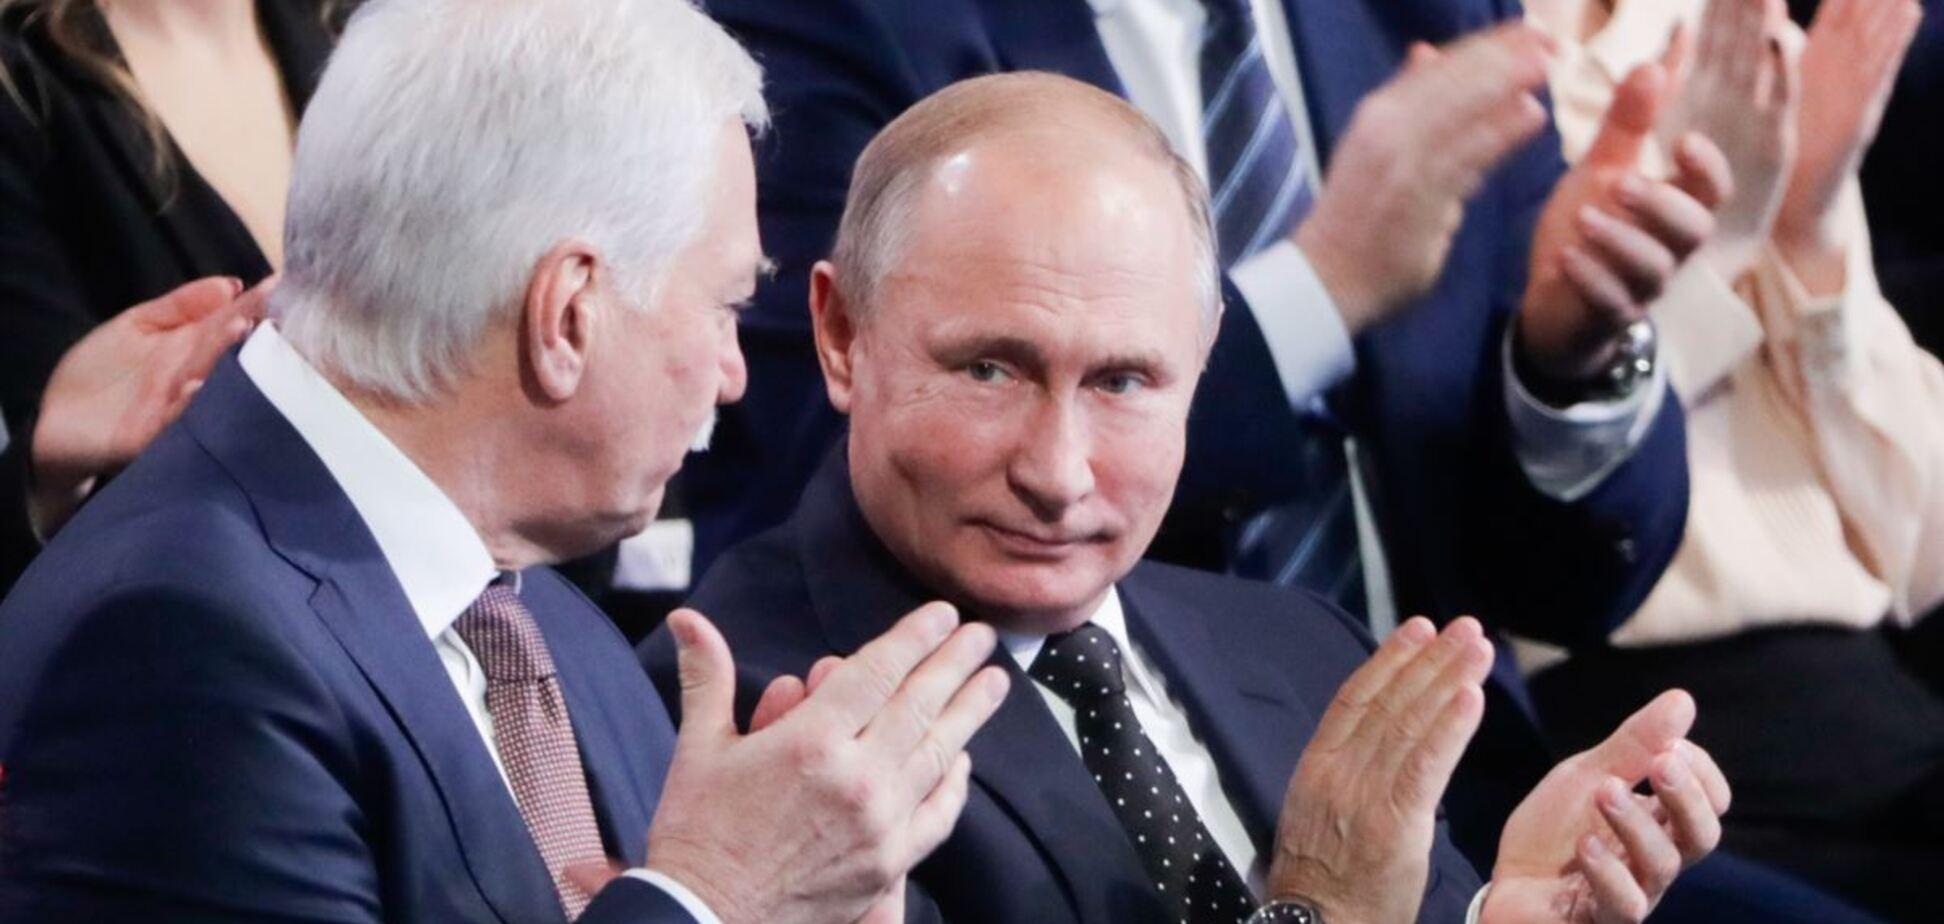 Маленька переможна істерика: чого чекати від заяви Гризлова і параду Путіна